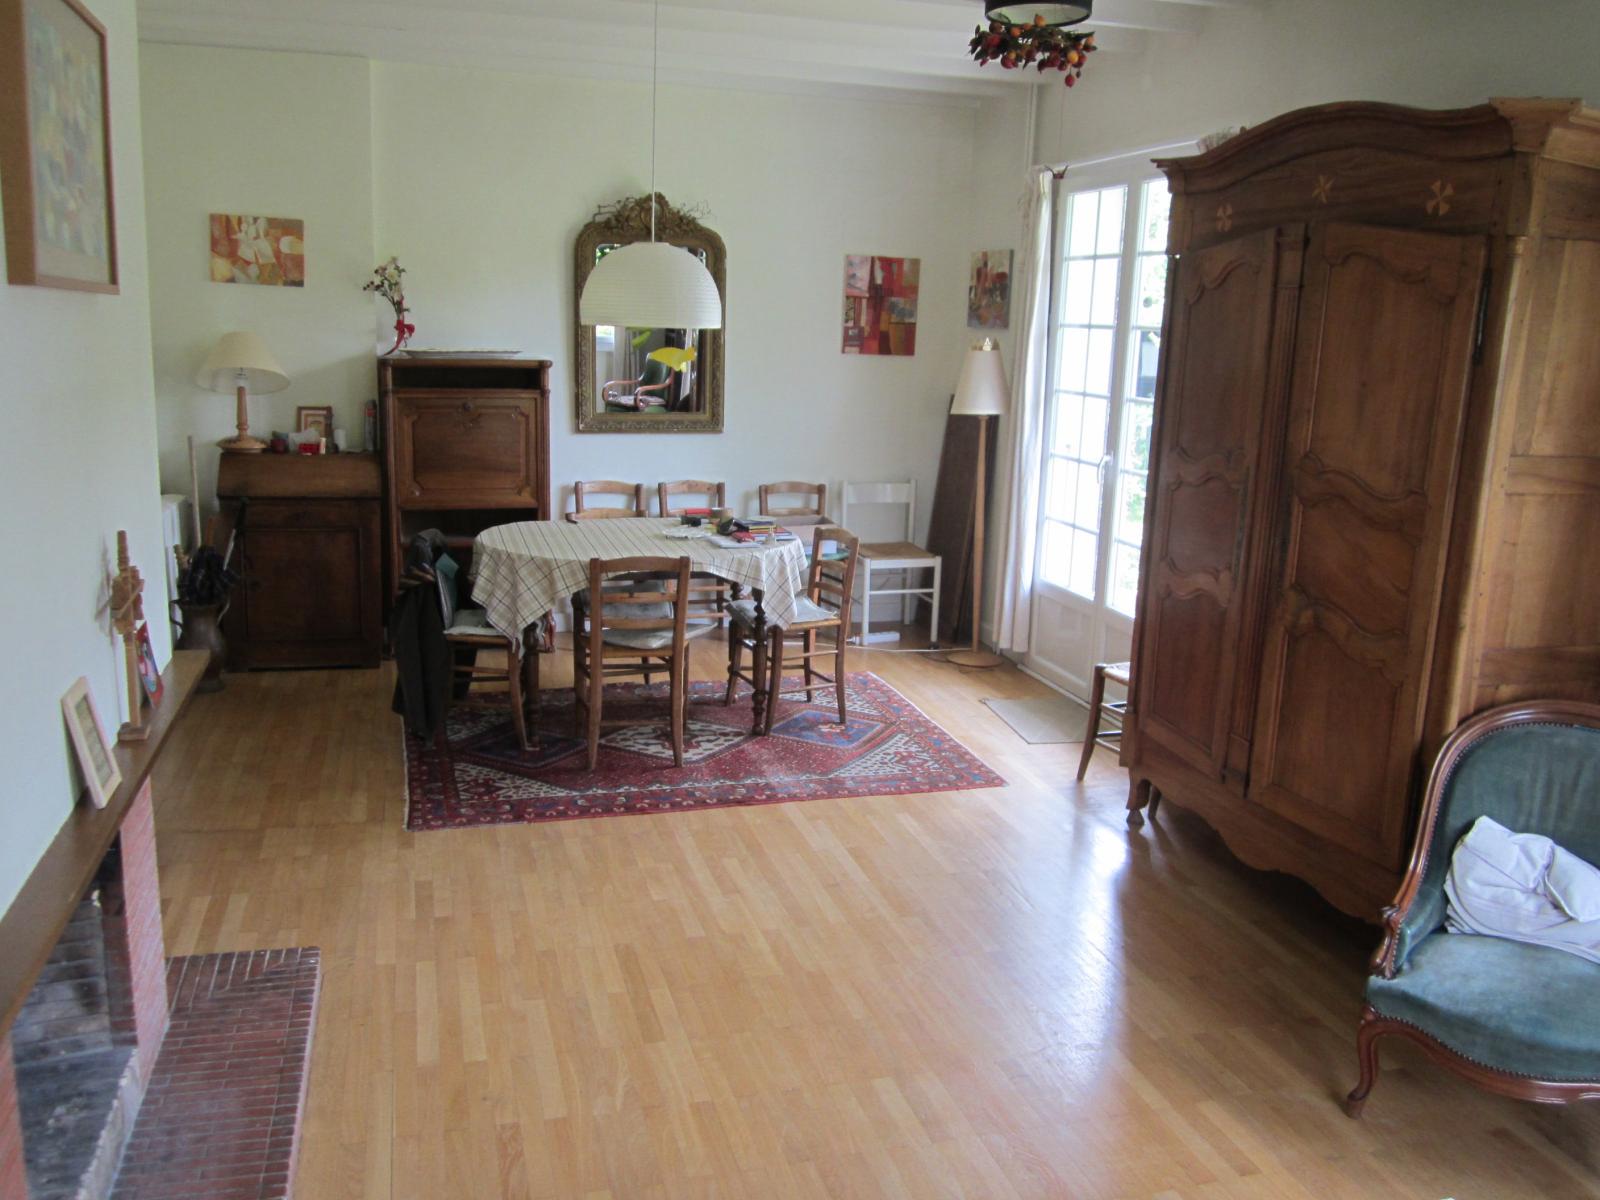 EXCLUSIVITE St Julien-en-Genevois centre ville, agréable maison dans un écrin de verdure... VENDU PAR LE CABINET